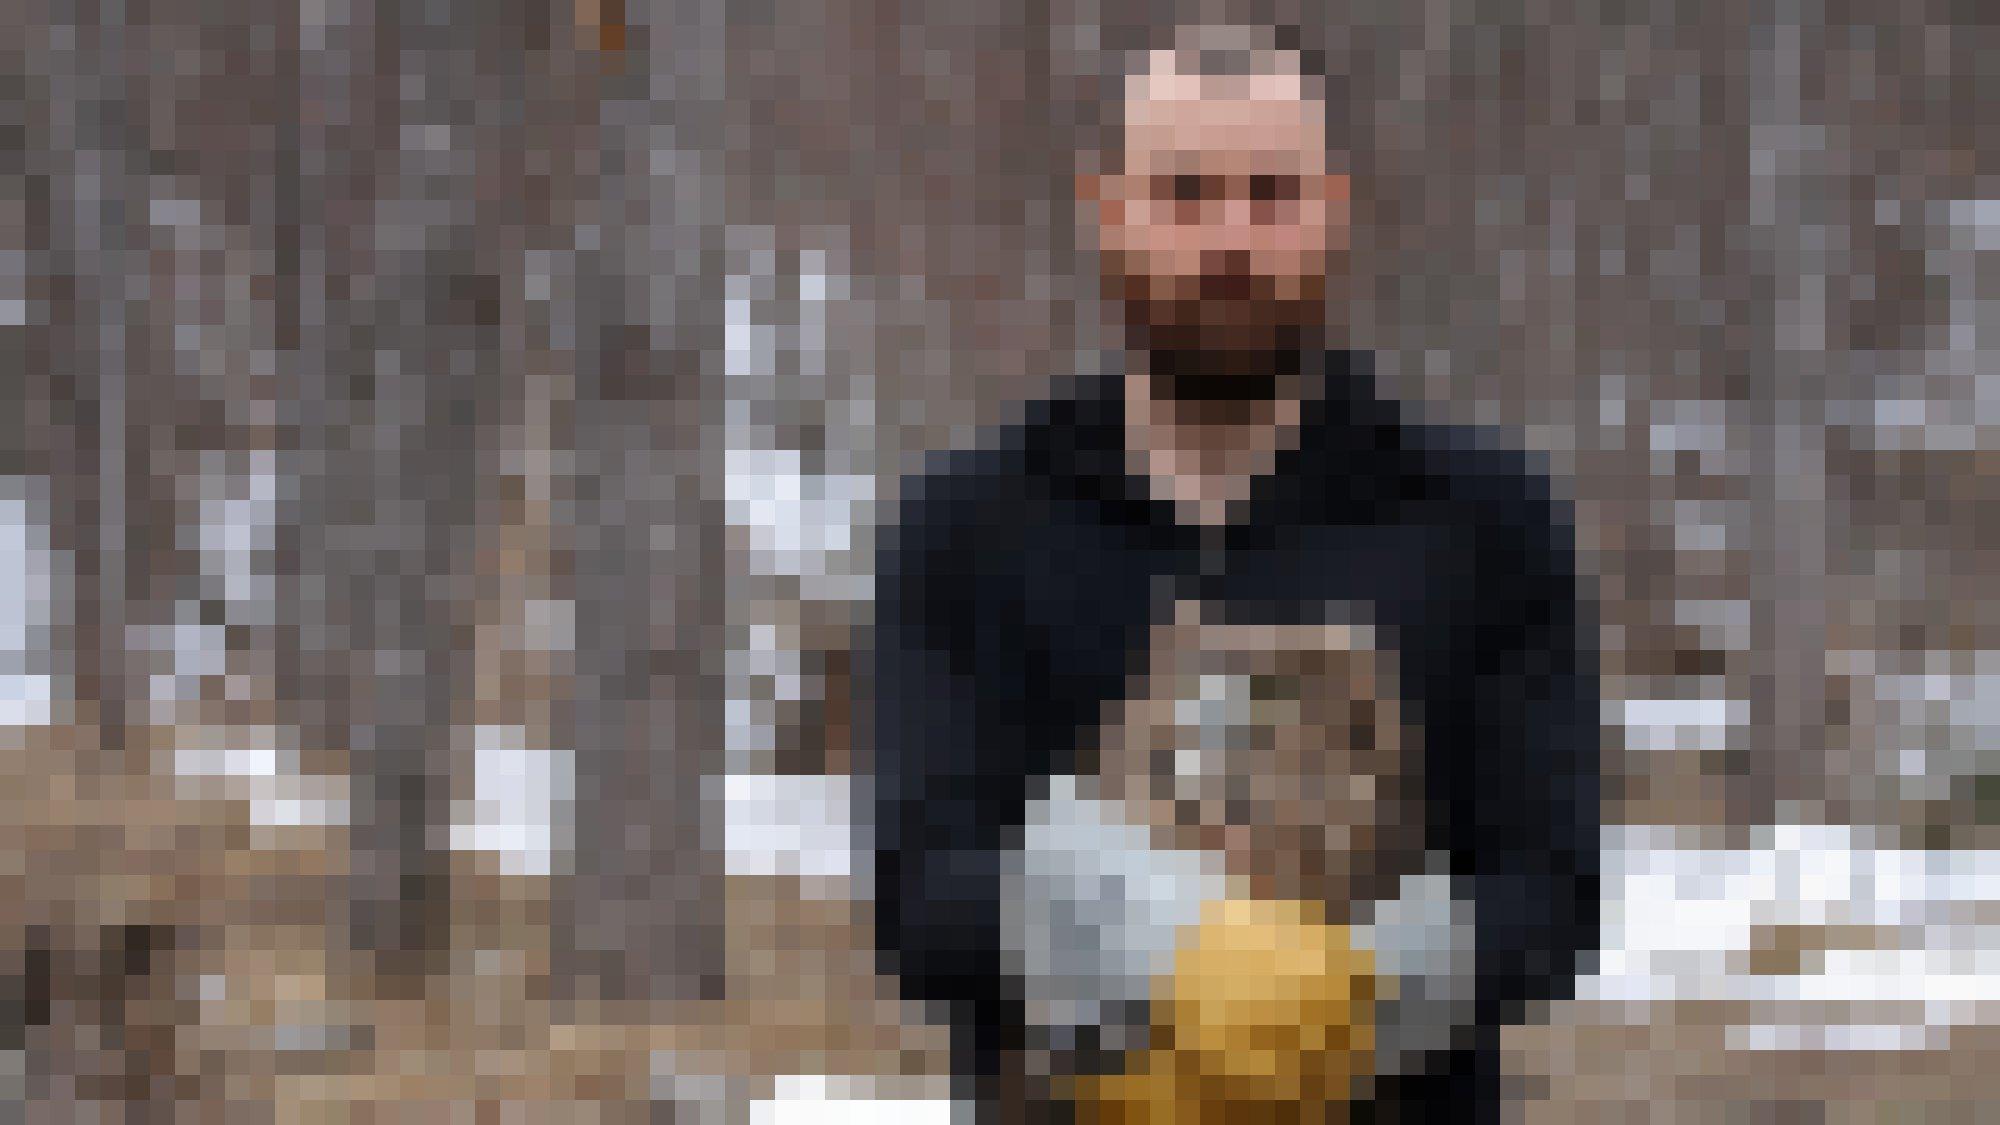 Ein Mann mit Bart und dicken Lederhandschuhen hält eine Eule in den Händen, die einen Fisch im Schnabel hat.